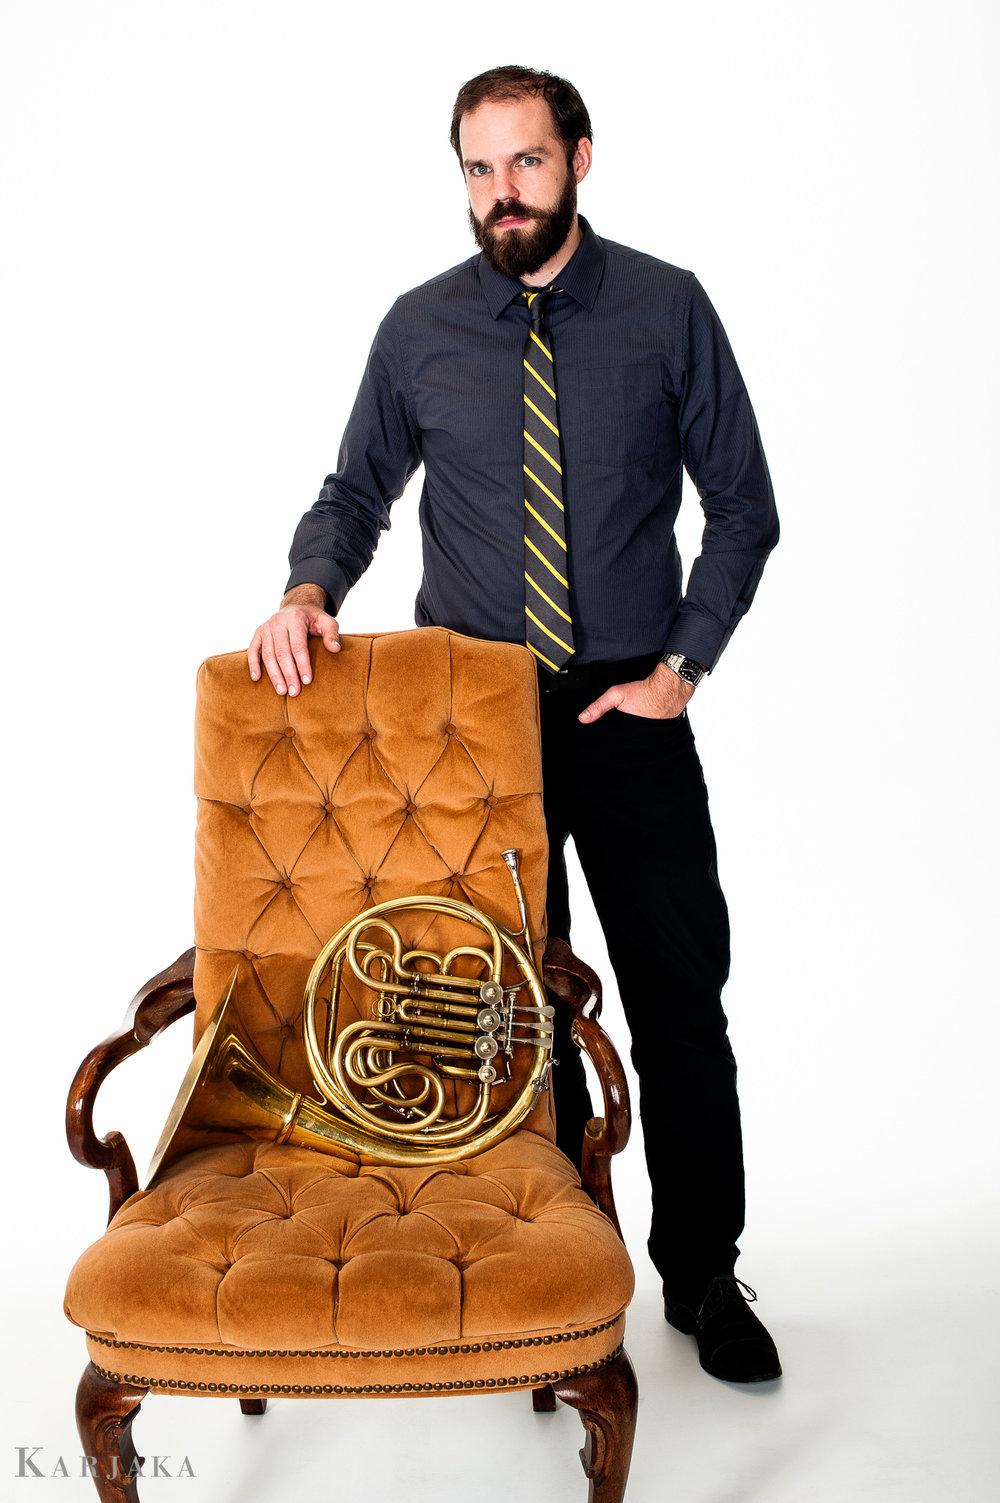 Matthew Oliphant - Horn